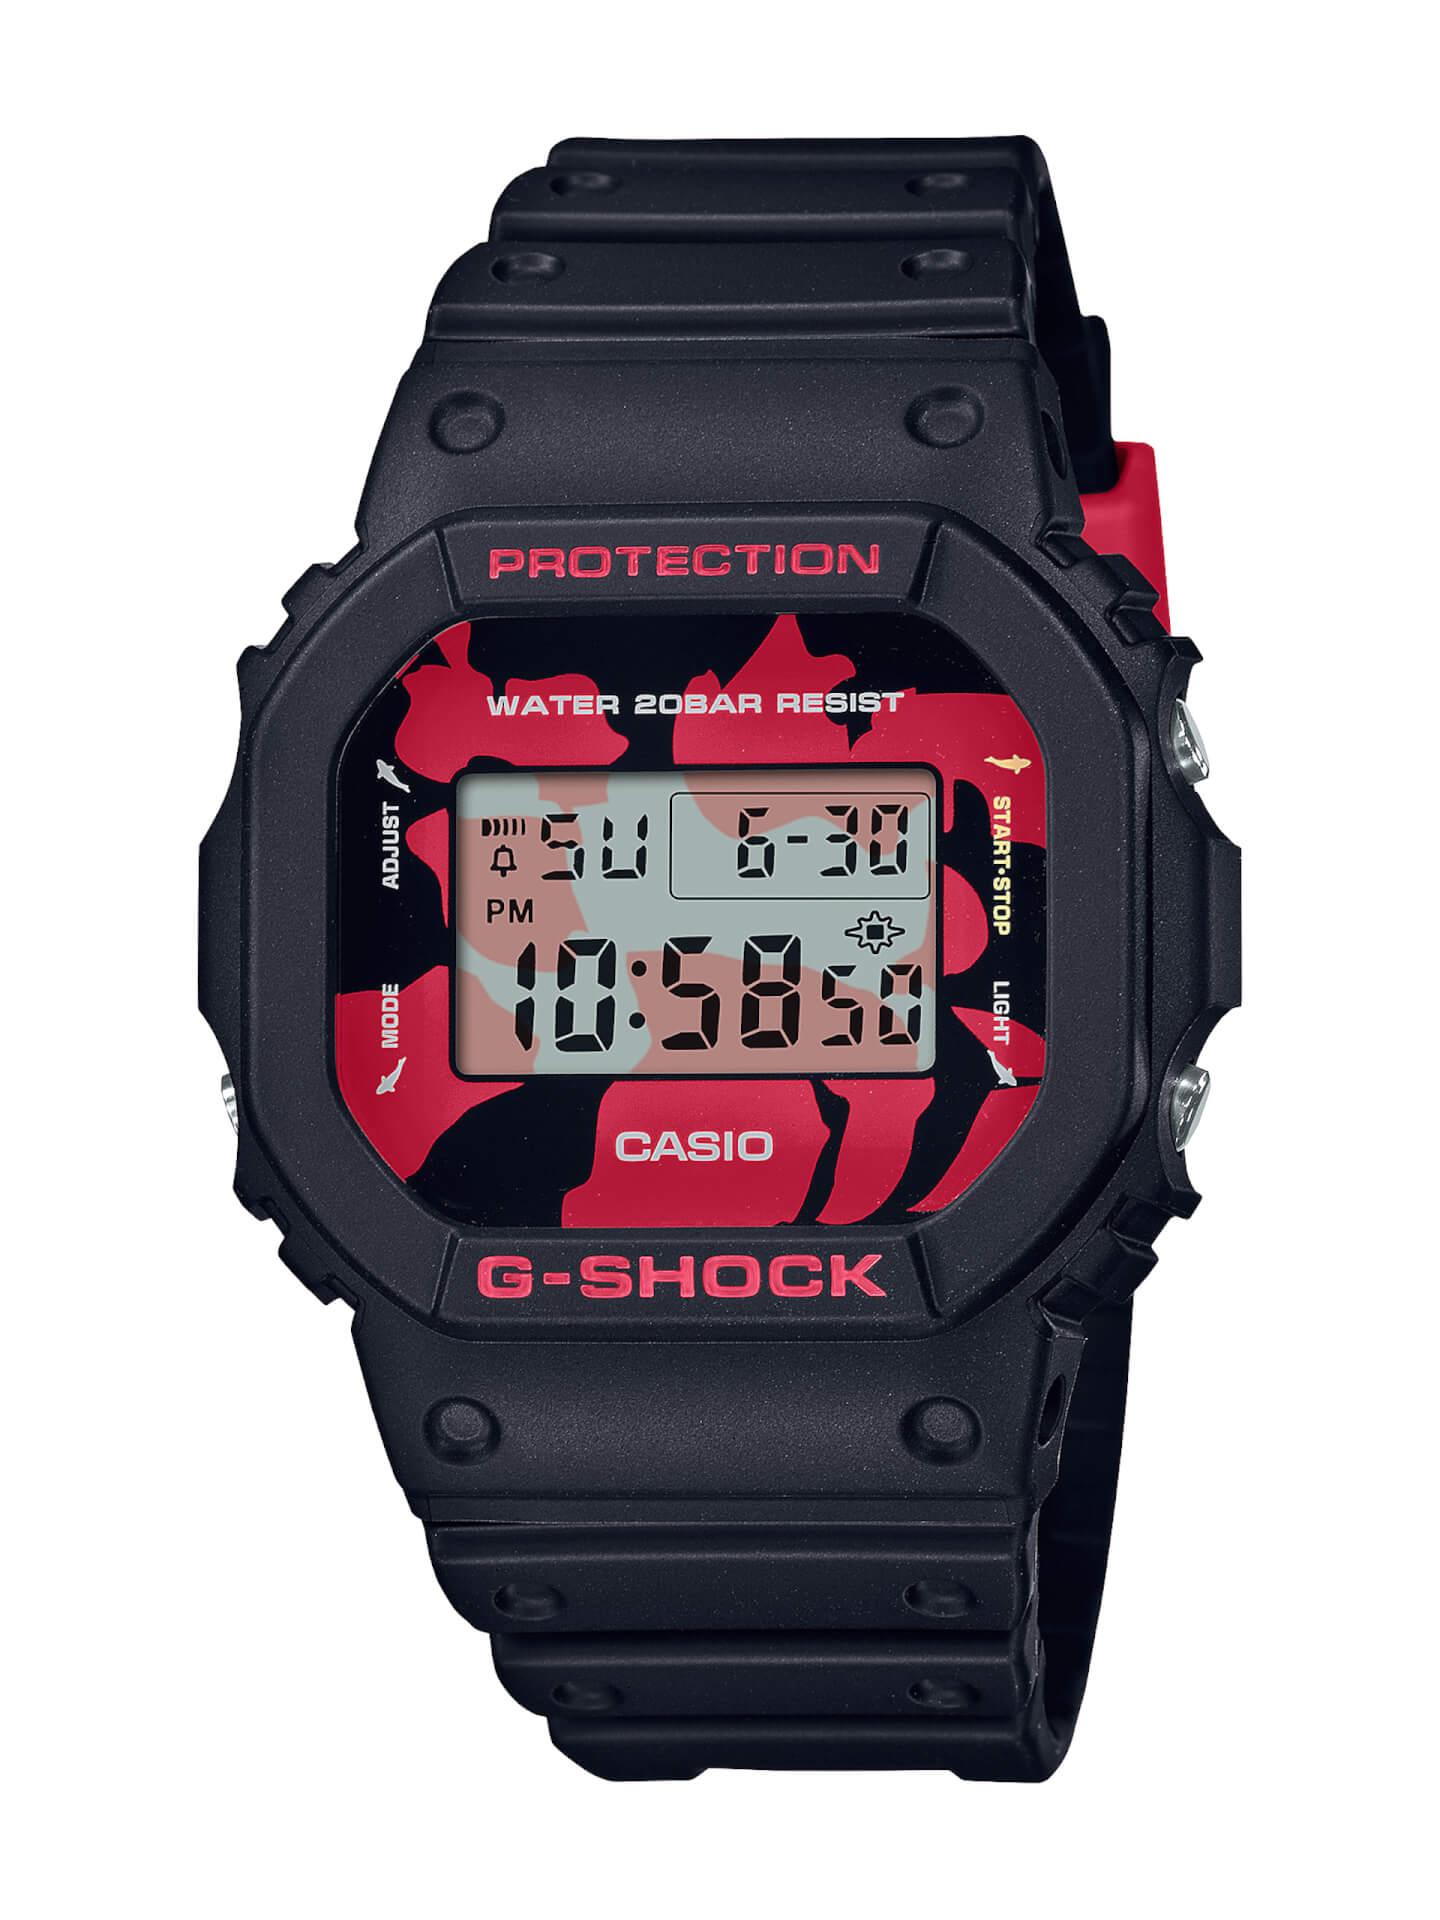 錦鯉をモチーフにしたG-SHOCK3種が発売決定!DW-6900、GA-100、DW-5600の3モデルがベース life210614_gshock_nishikigoi_9